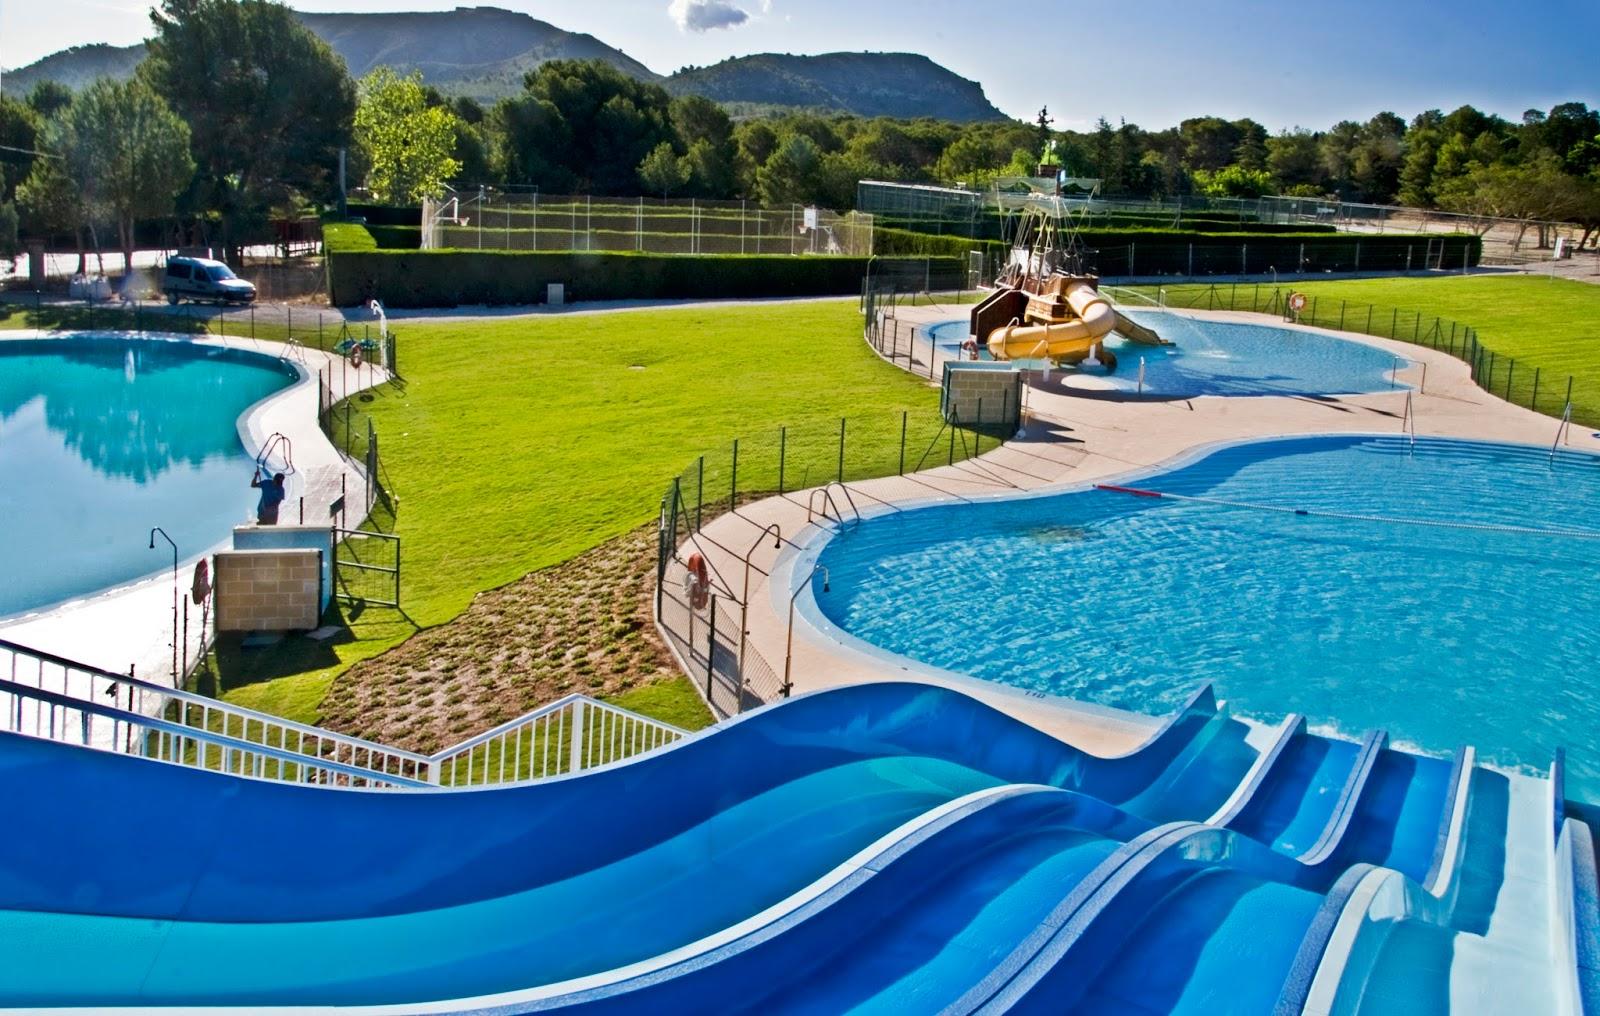 Lugares y centros tur sticos para visitar atractivos for Toboganes para piscinas